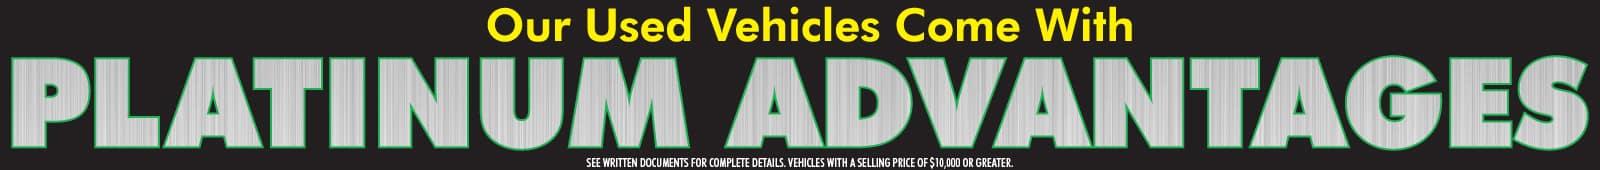 Used Car Platinum Advantages